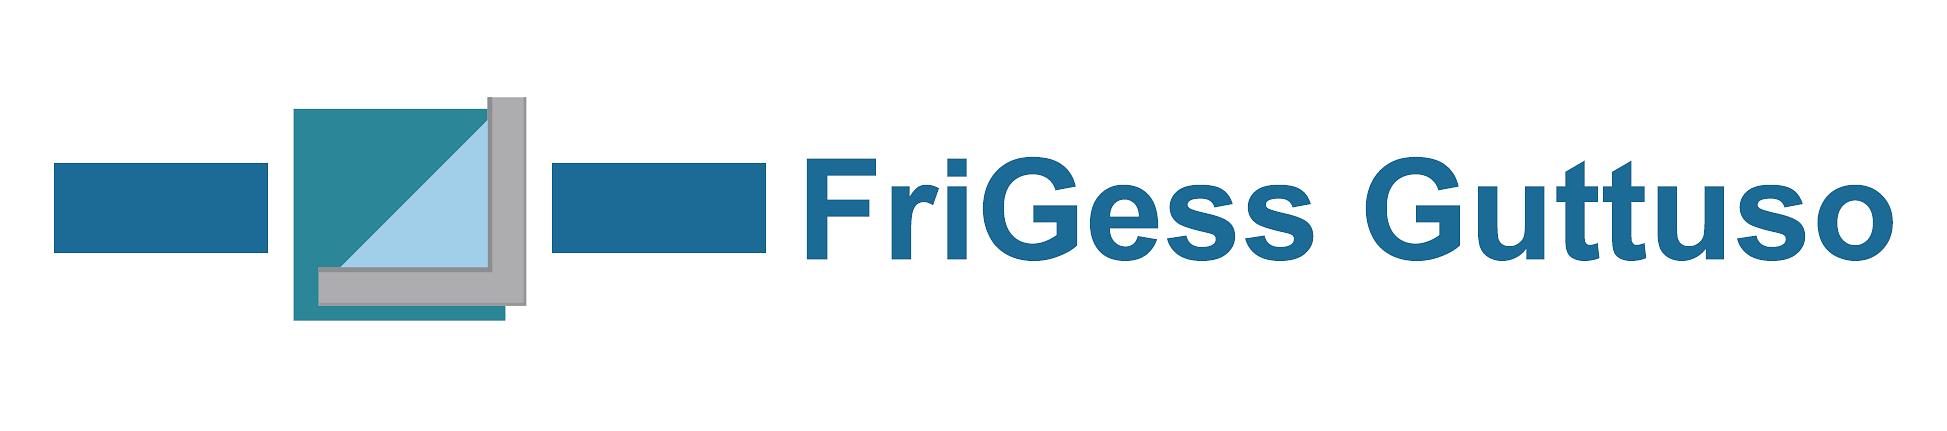 FriGess Guttuso